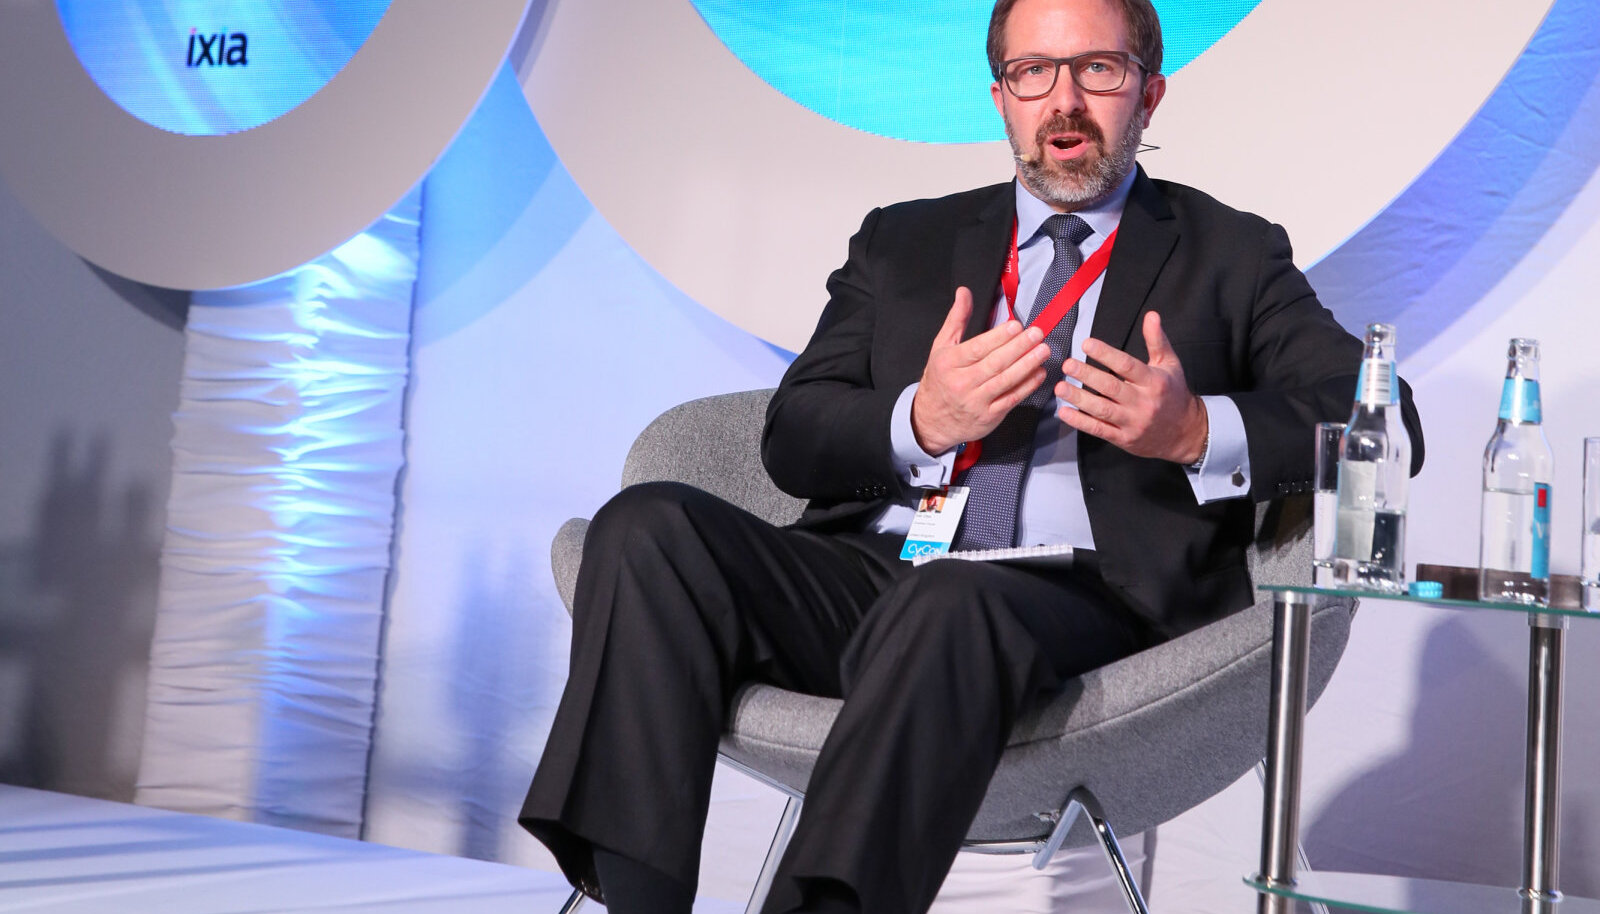 Mõttekoja Chatham House ekspert Keir Giles.